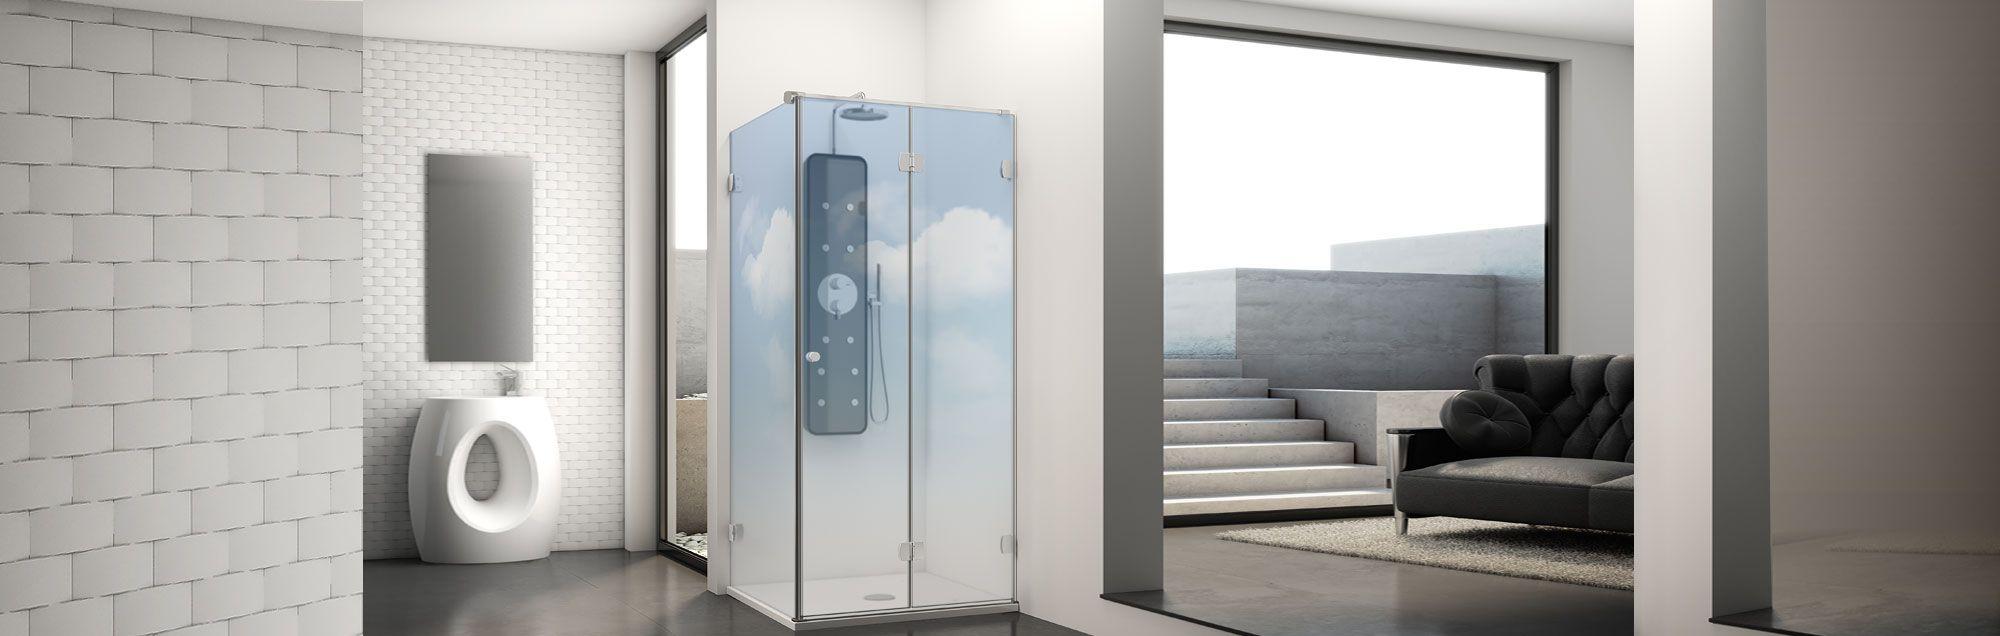 Serie Newglass di box doccia pieghevoli su misura